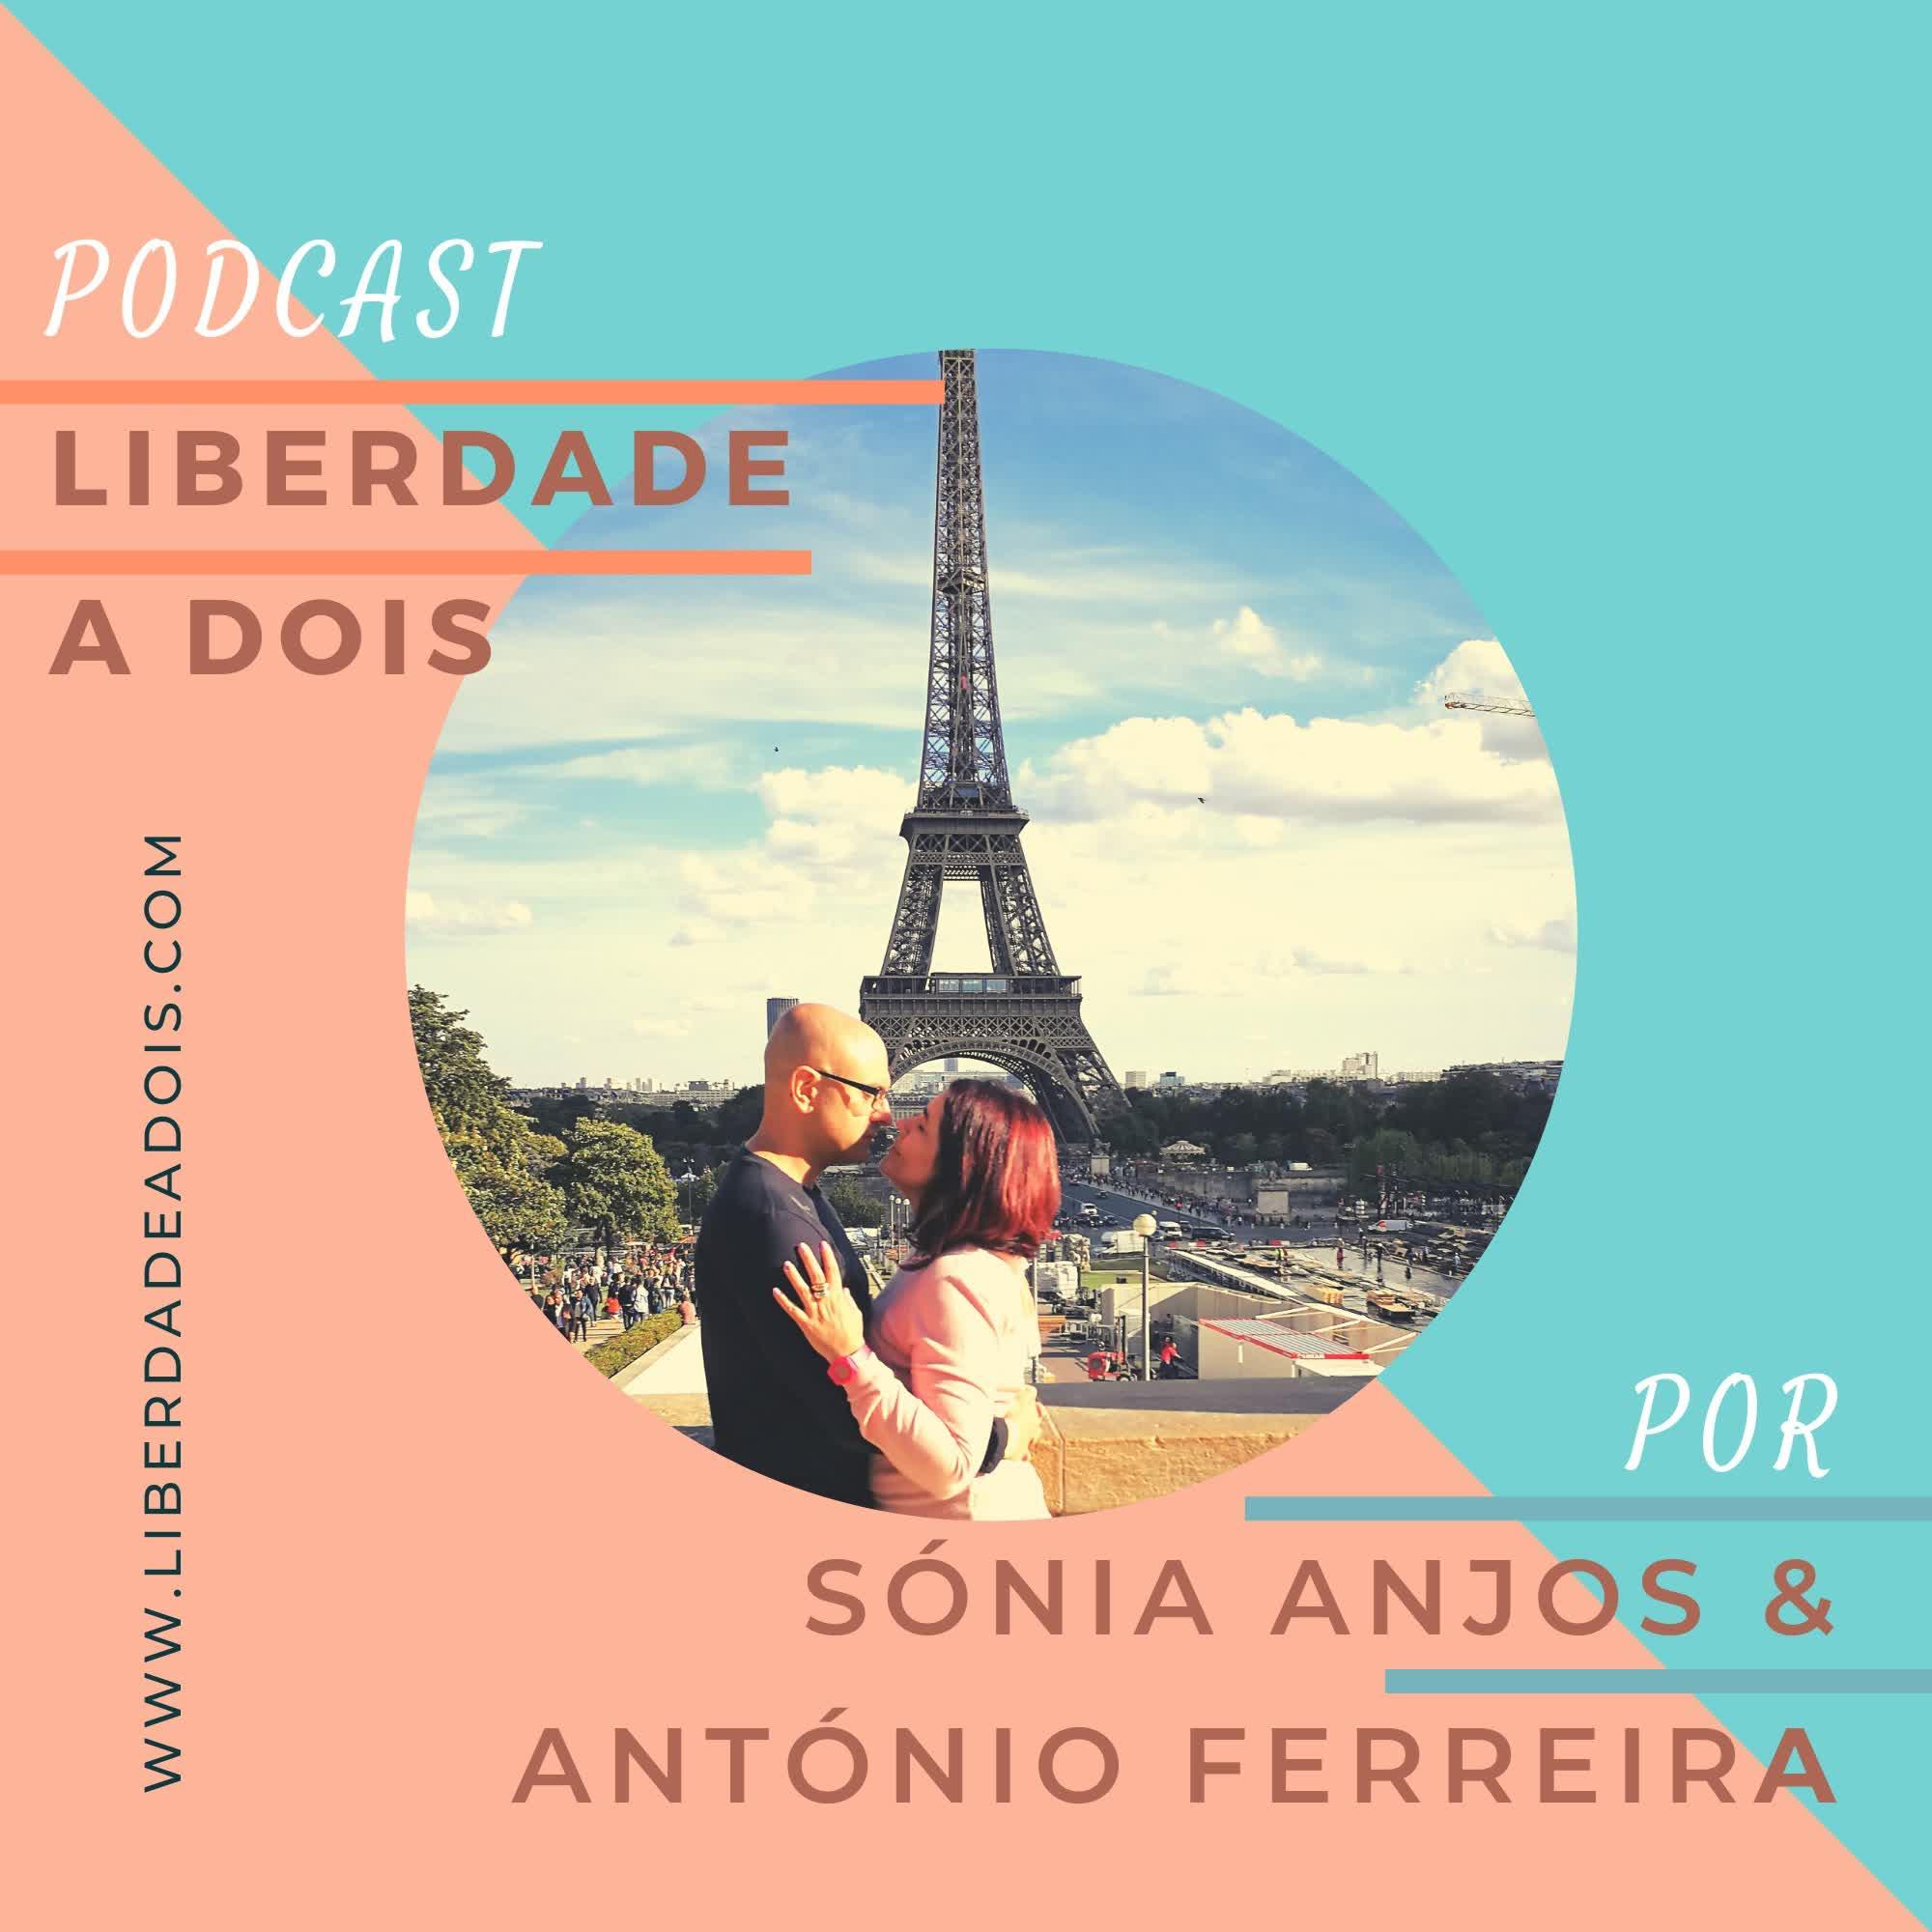 Liberdade A Dois Podcast